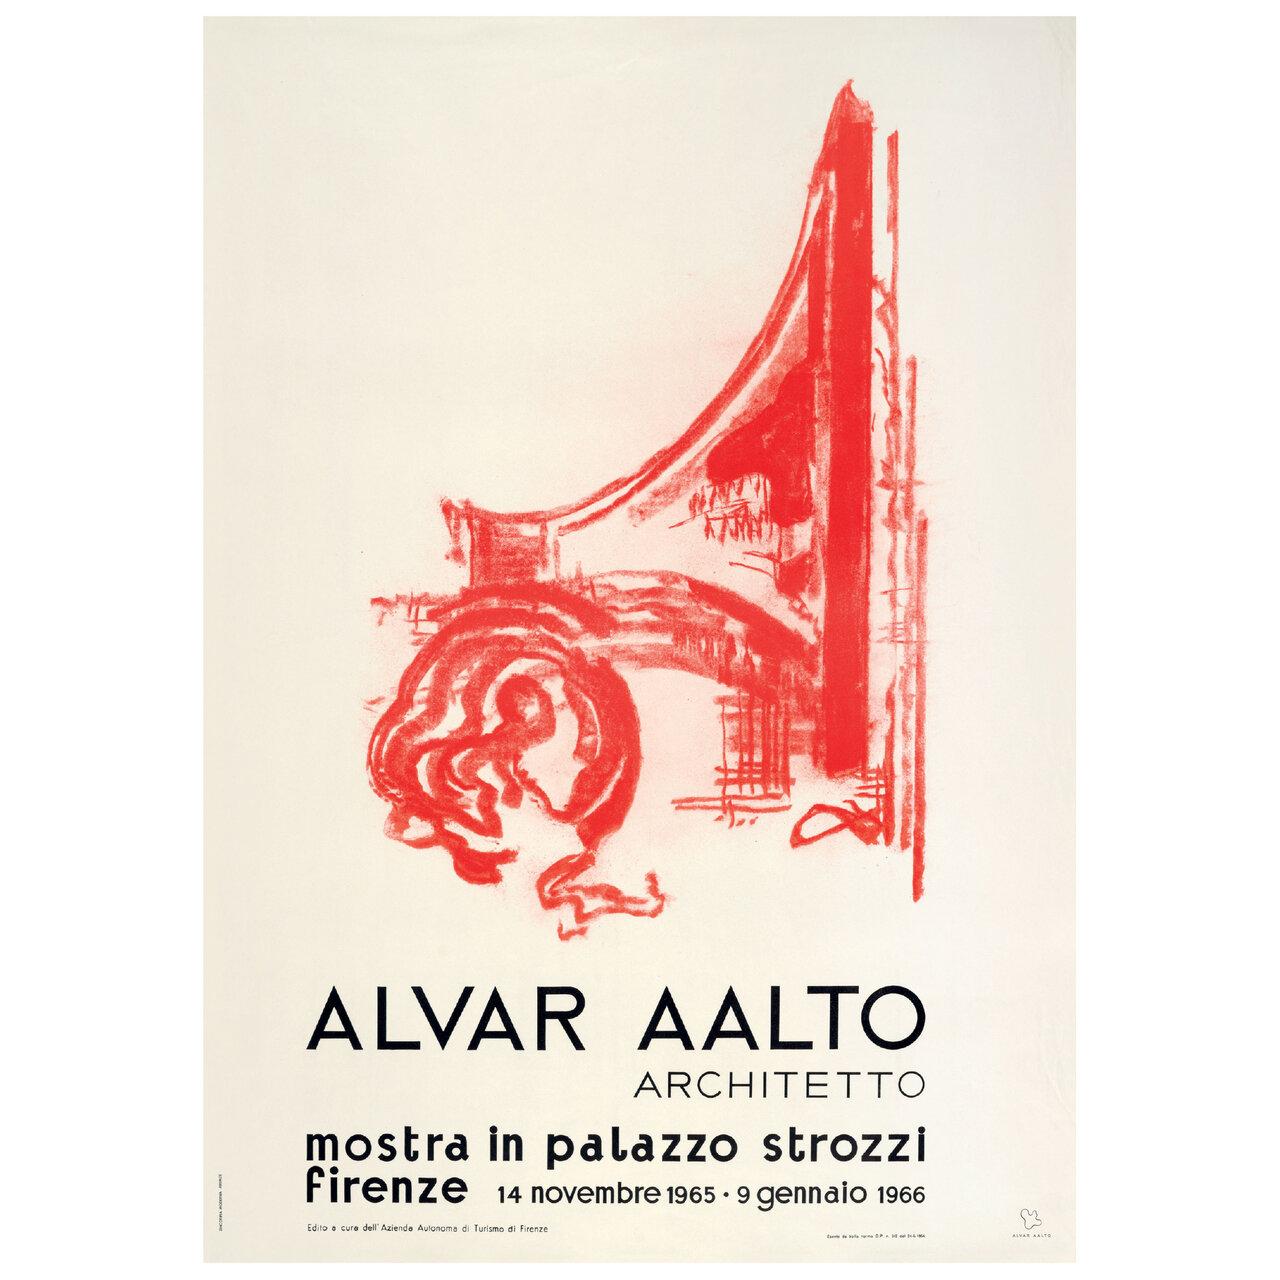 かつて開催された主要な建築展のポスターがオリジナルサイズで複製 Alvar Aalto Foundation